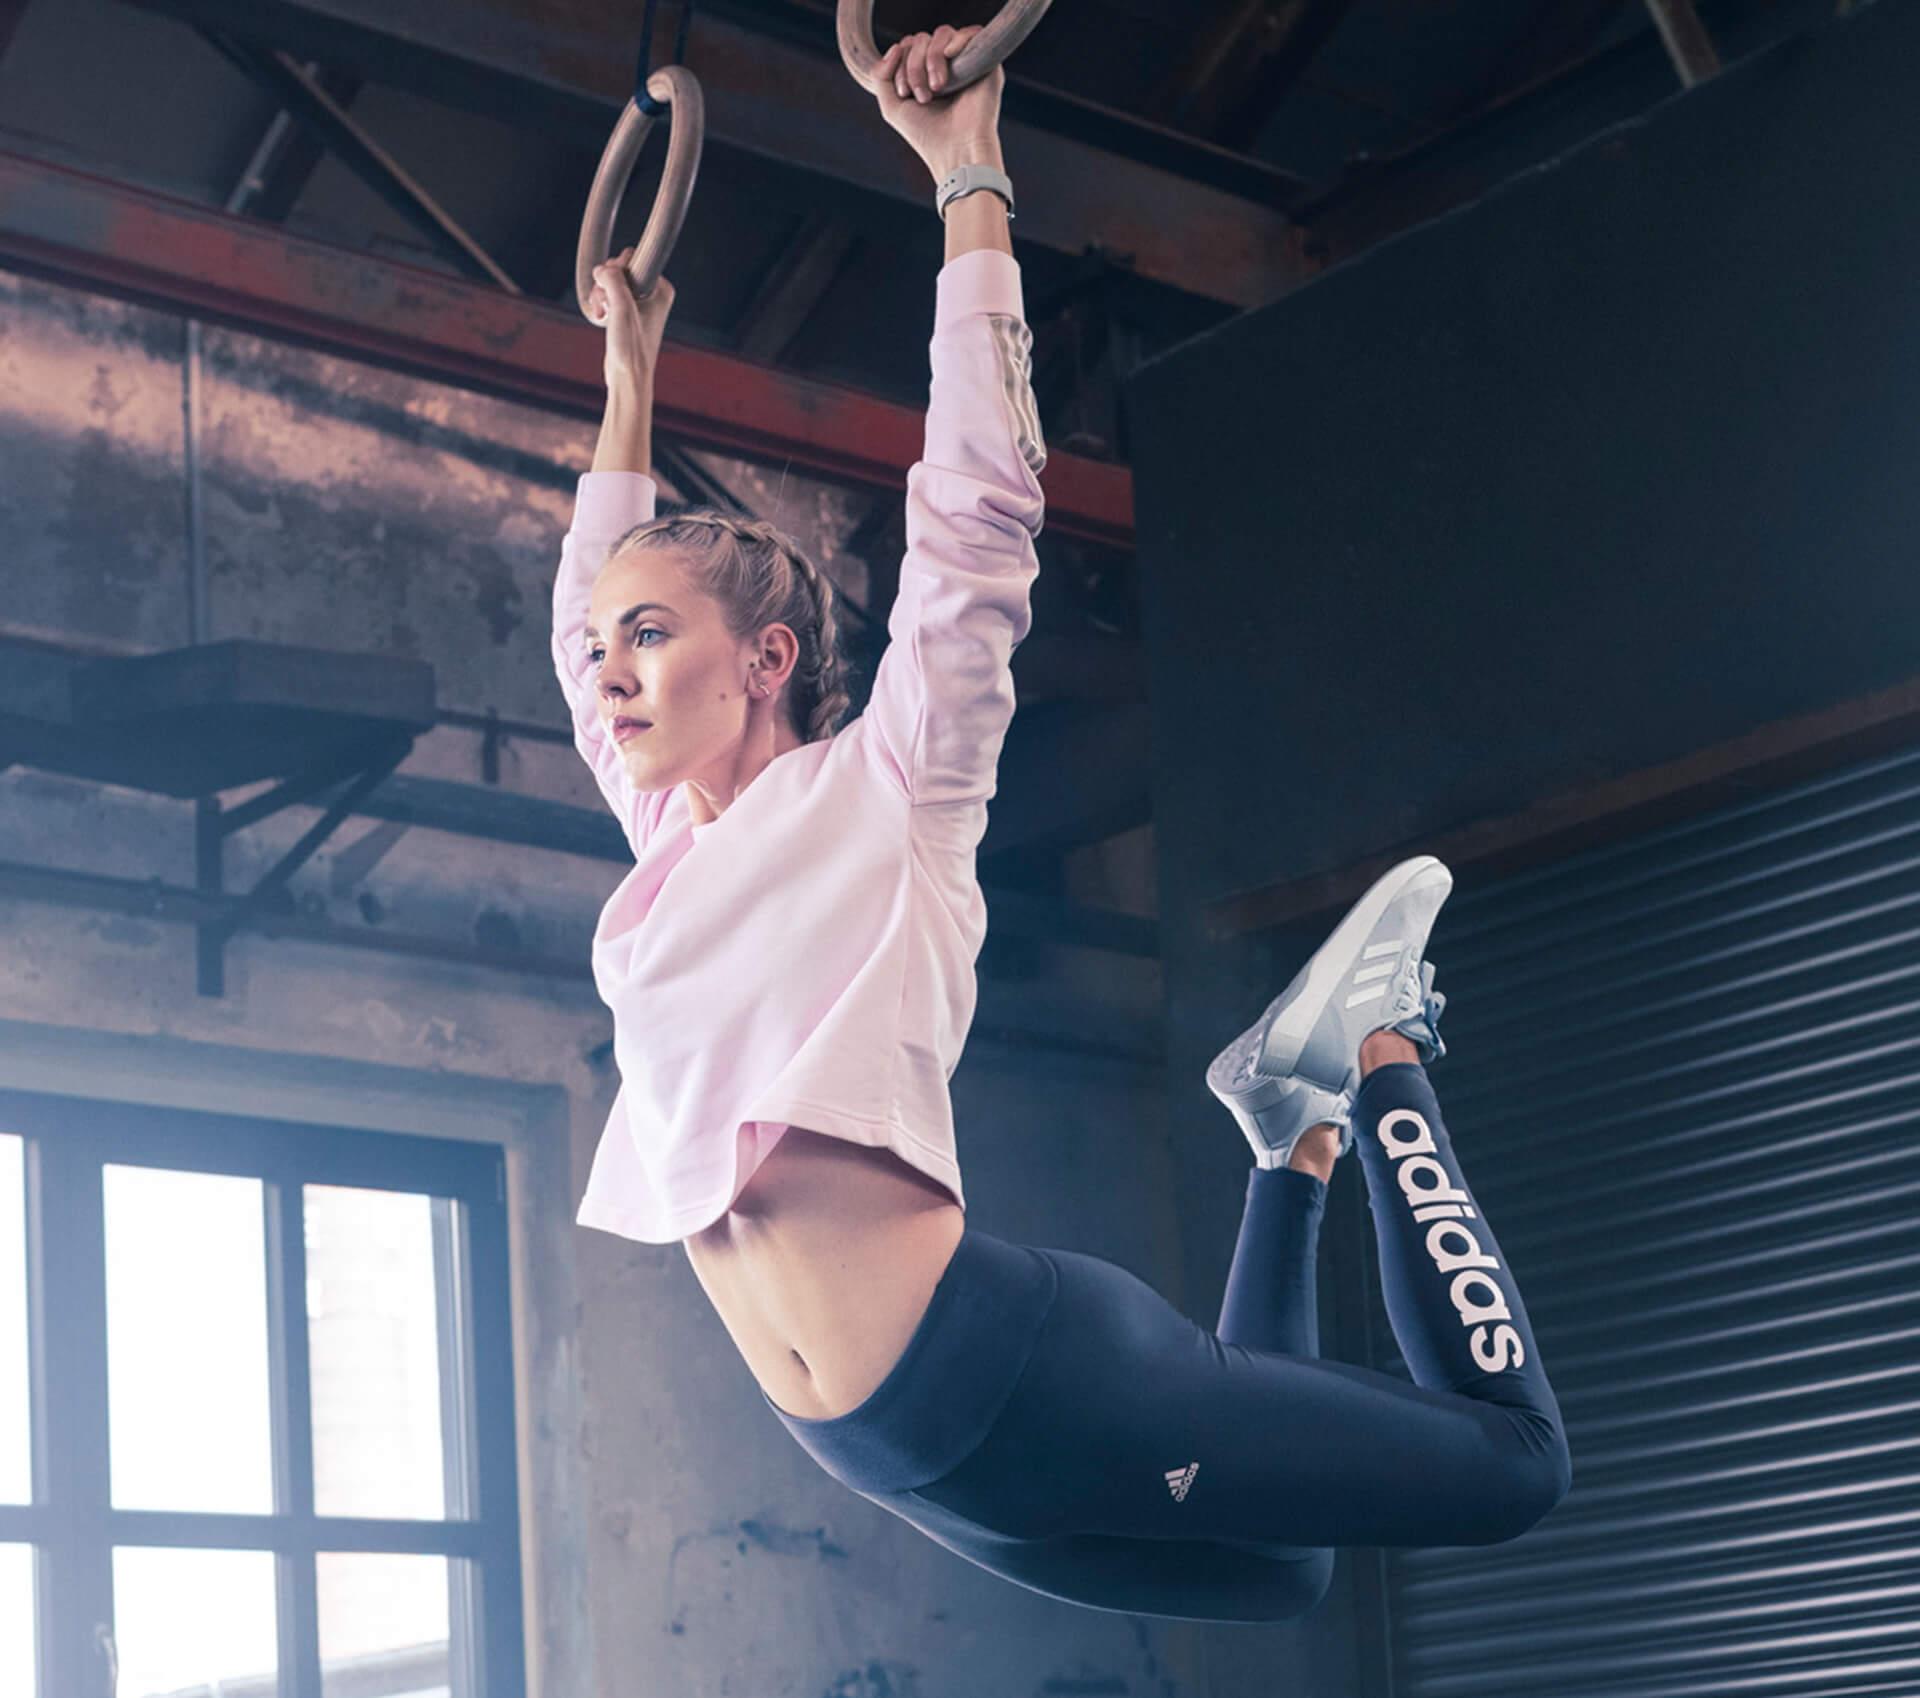 Workout an Ringen mit angesagten Sneakern